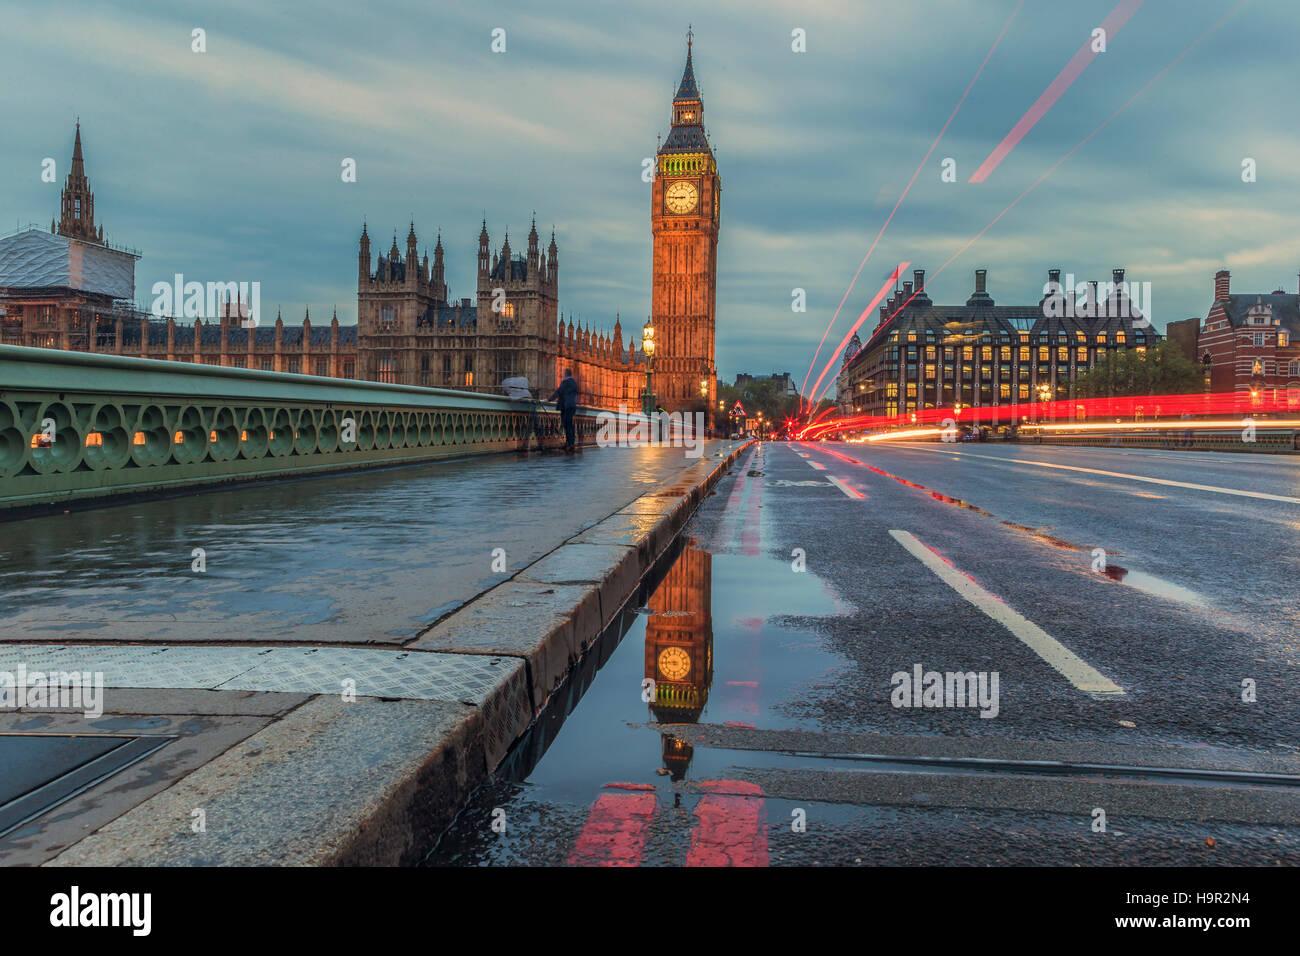 Une réflexion de Big Ben dans une flaque d'eau sur le pont de Westminster au crépuscule. Photo Stock